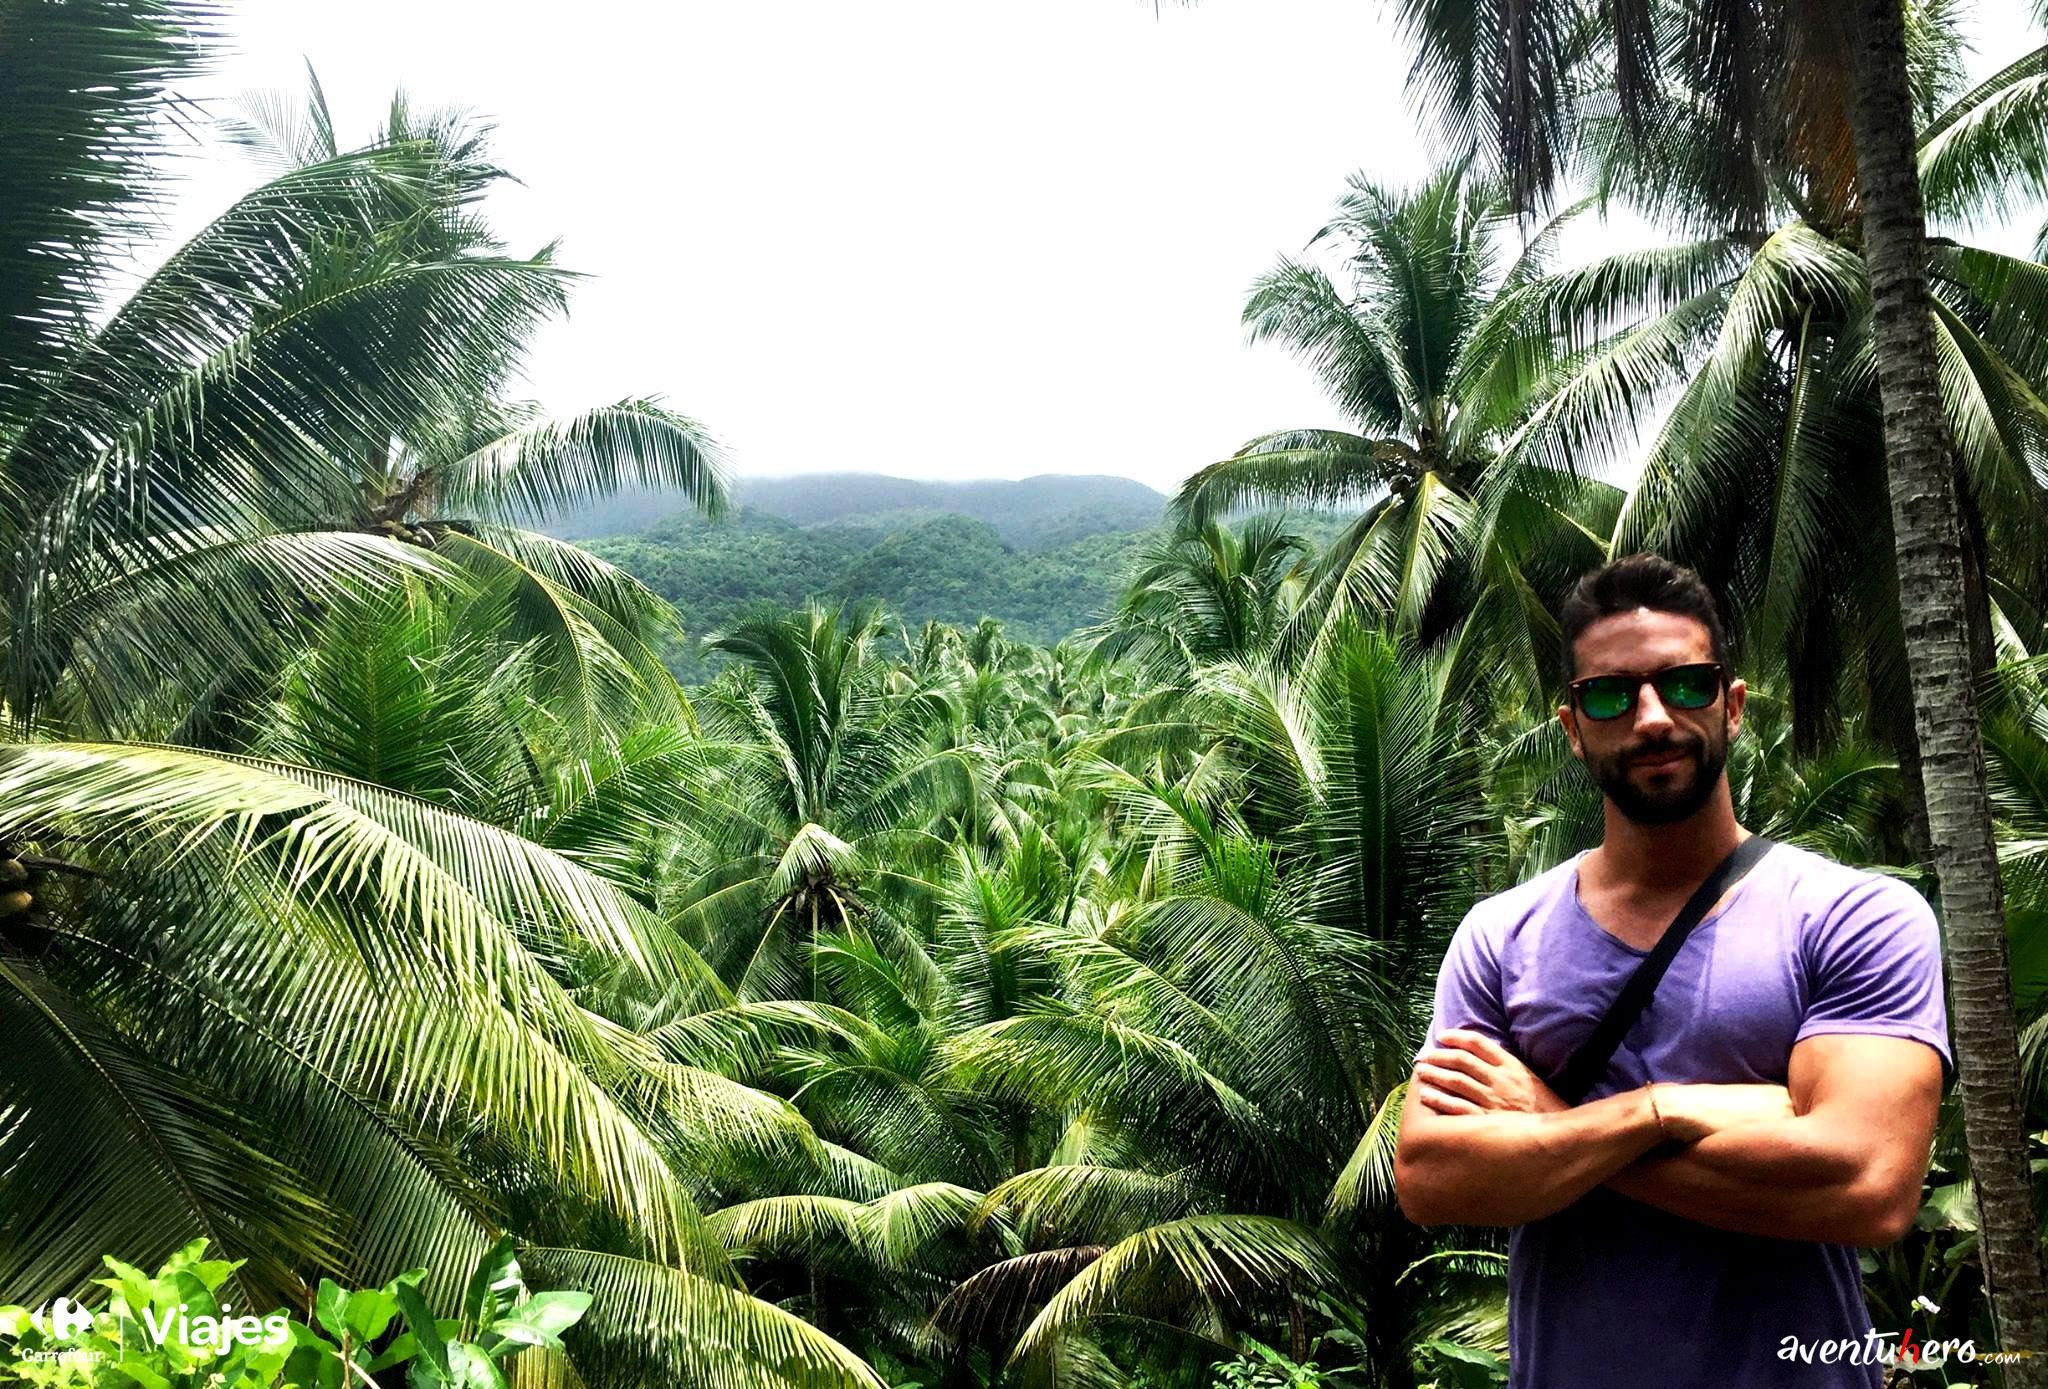 Aventuhero Jamaica Selva de palmeras de frente